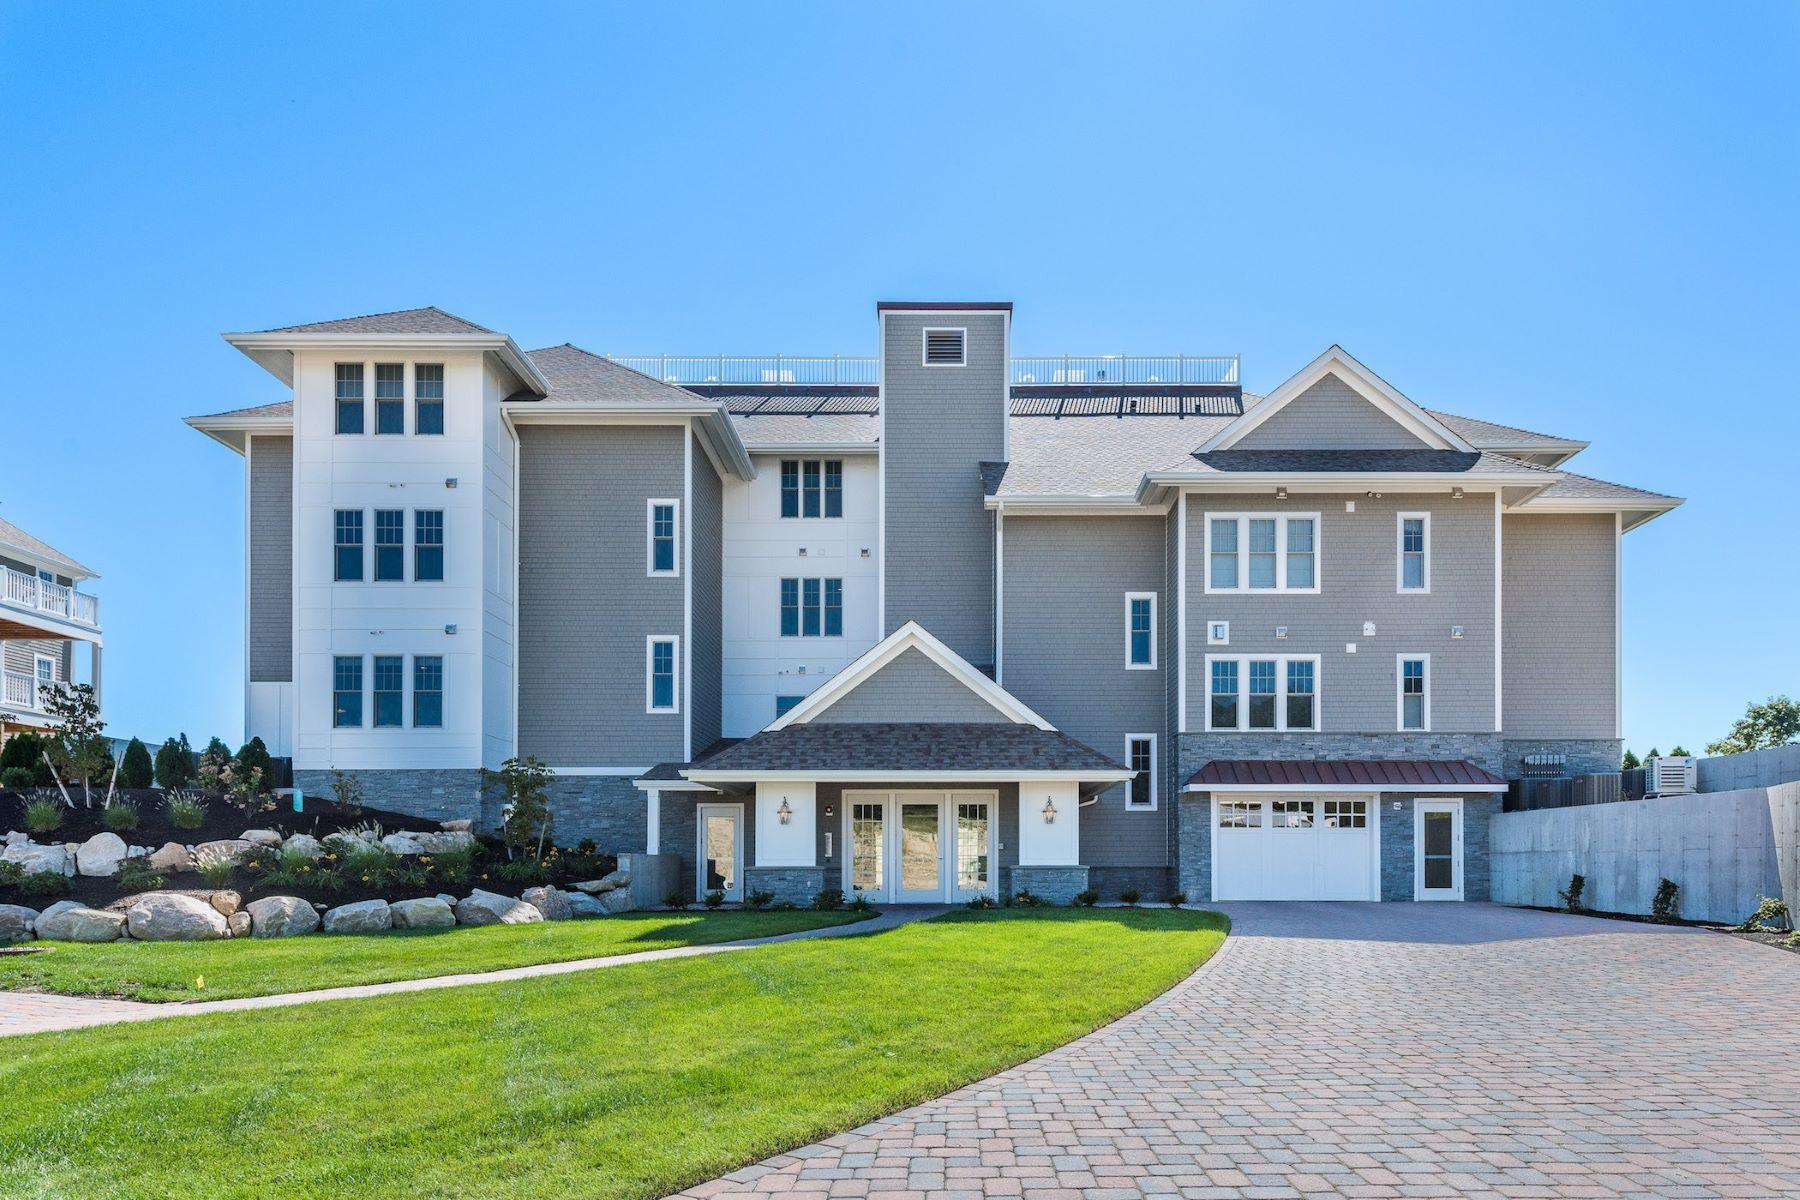 共管式独立产权公寓 为 销售 在 7 Compass Wy D101, #D101, Westerly, RI 7 Compass Wy D101 D101, 韦斯特利, 罗得岛, 02891 美国